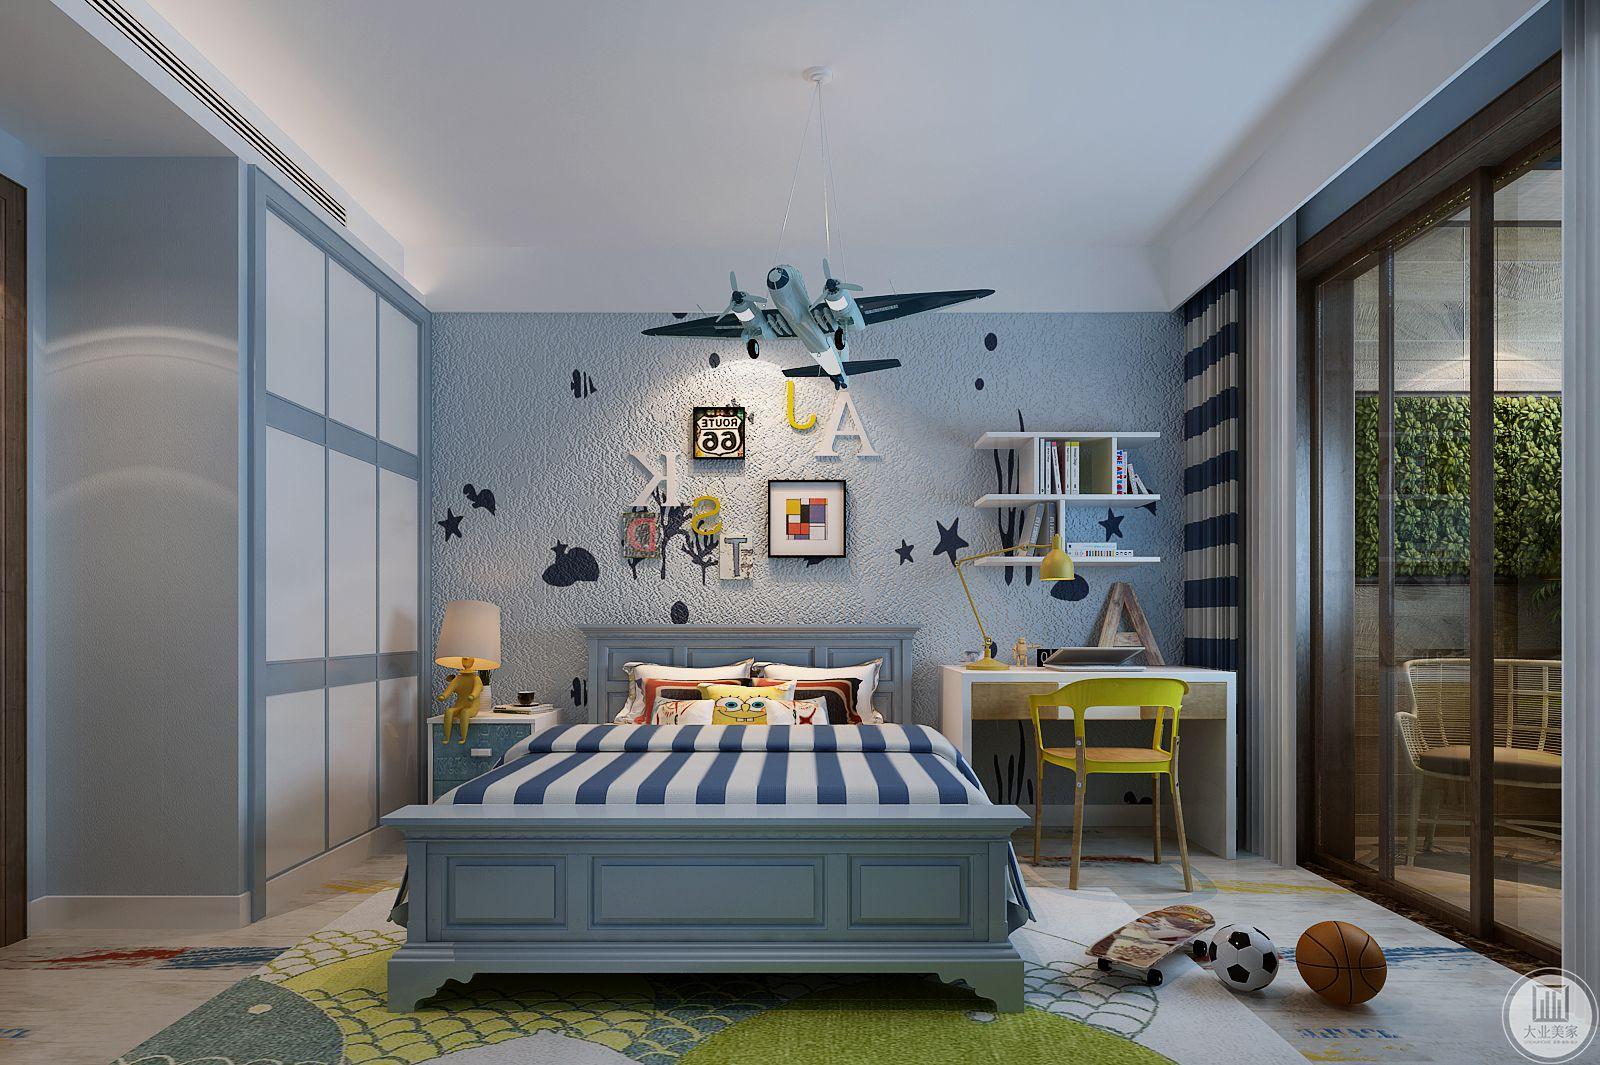 儿童房是蓝色的基调,飞机模型,英文字母等摩登的元素统统体现出来。